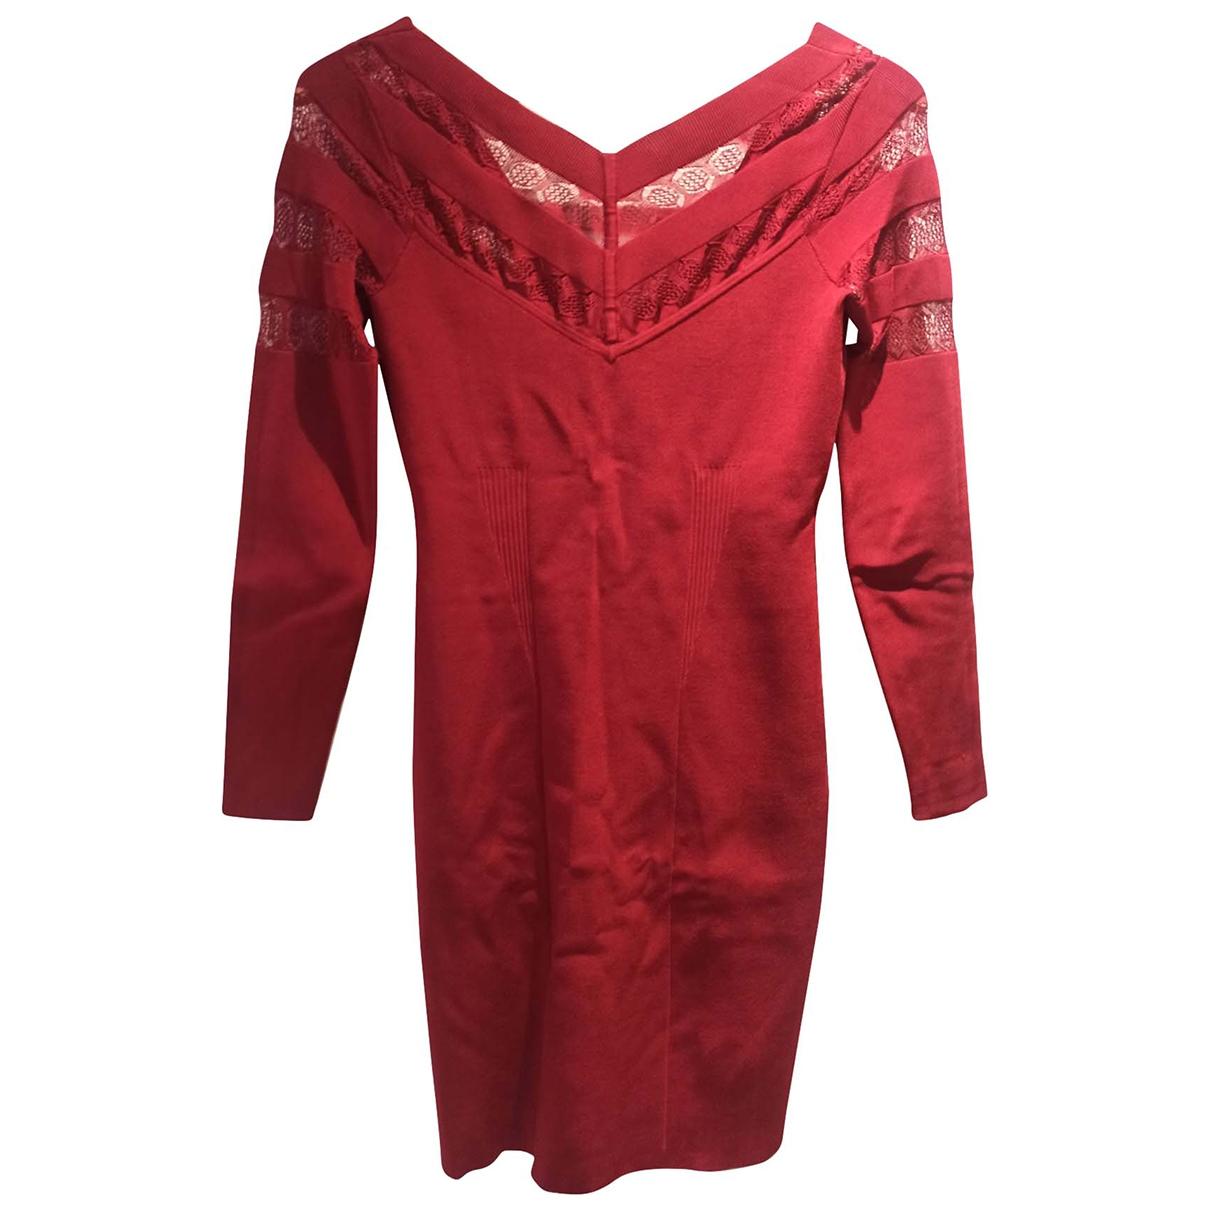 Karen Millen \N Red dress for Women 2 US